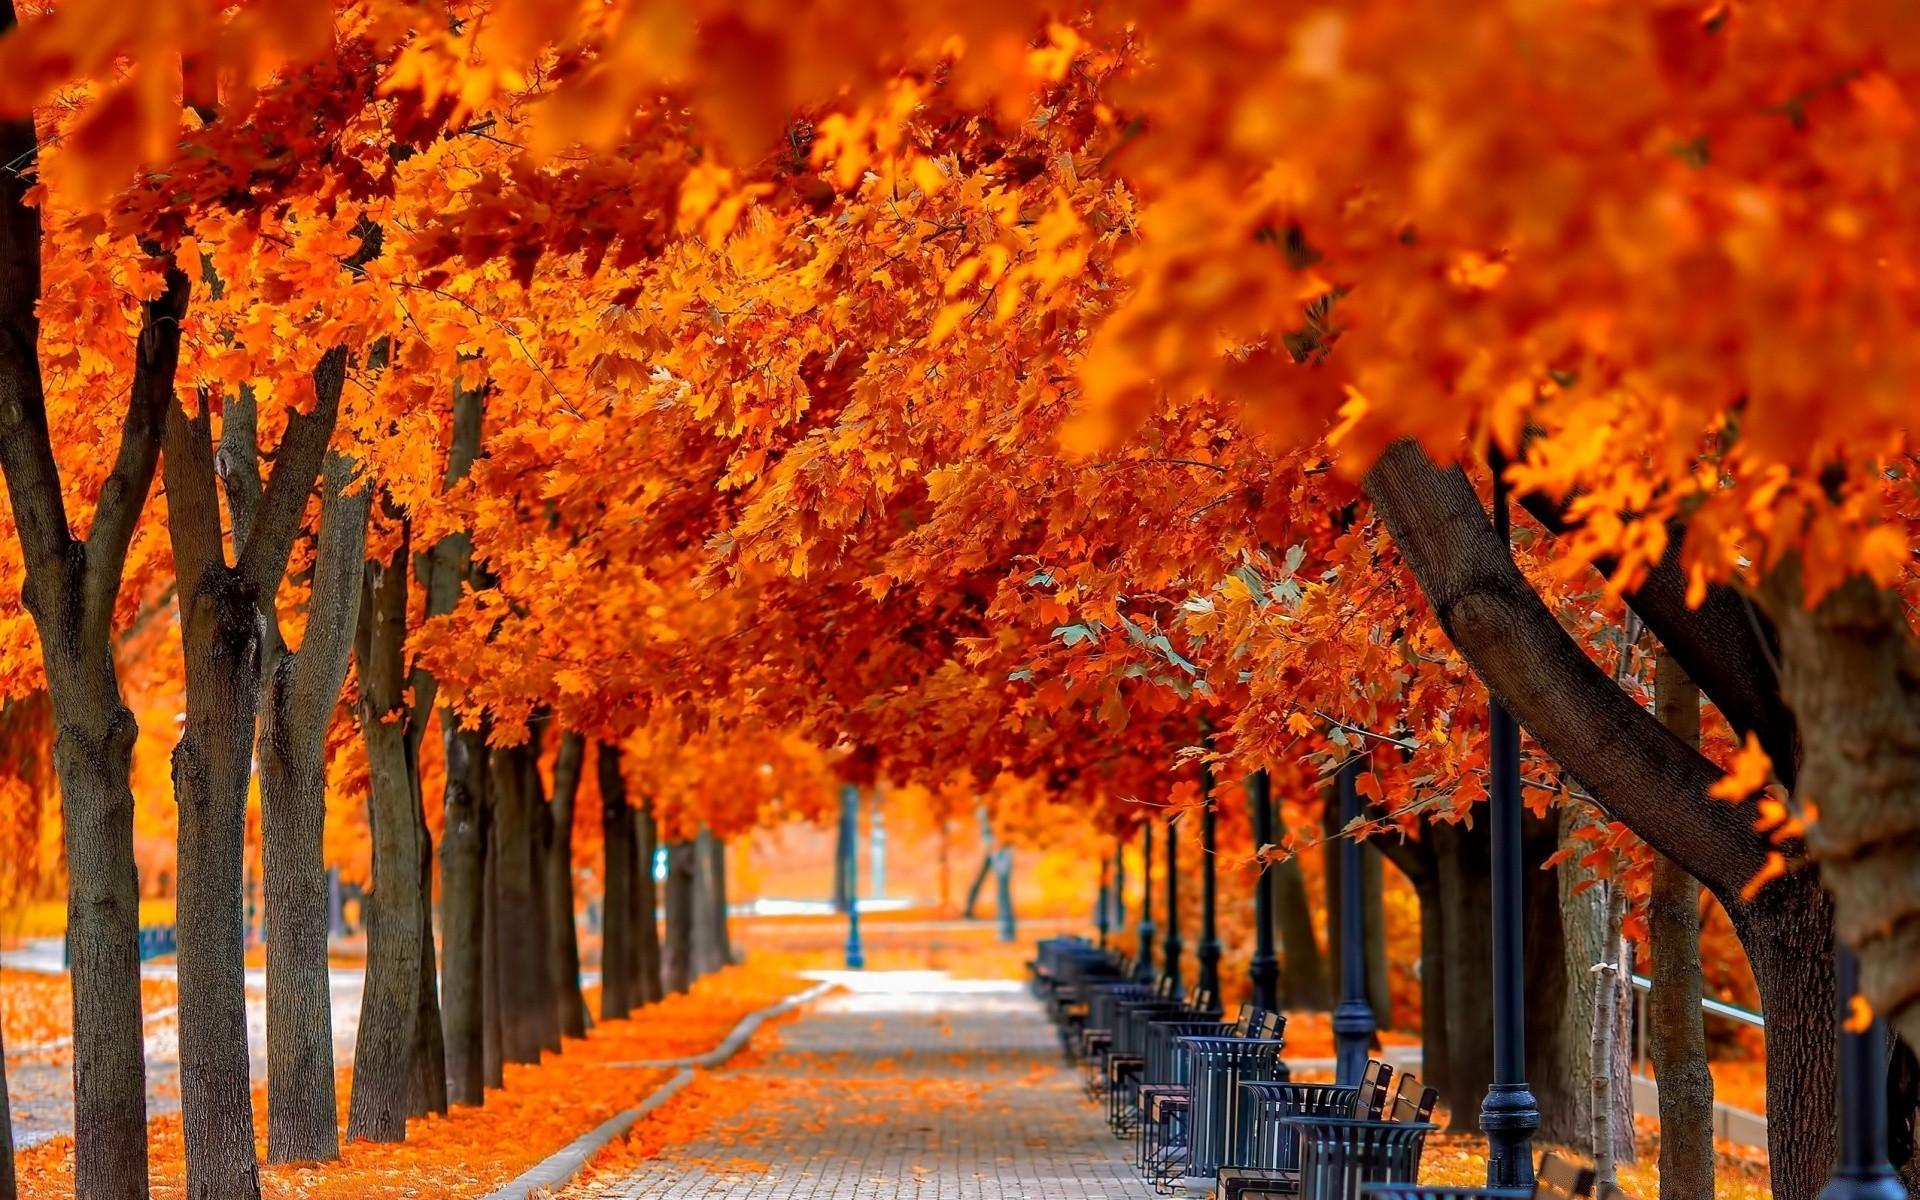 Скоро отпуск, все картинки про осень